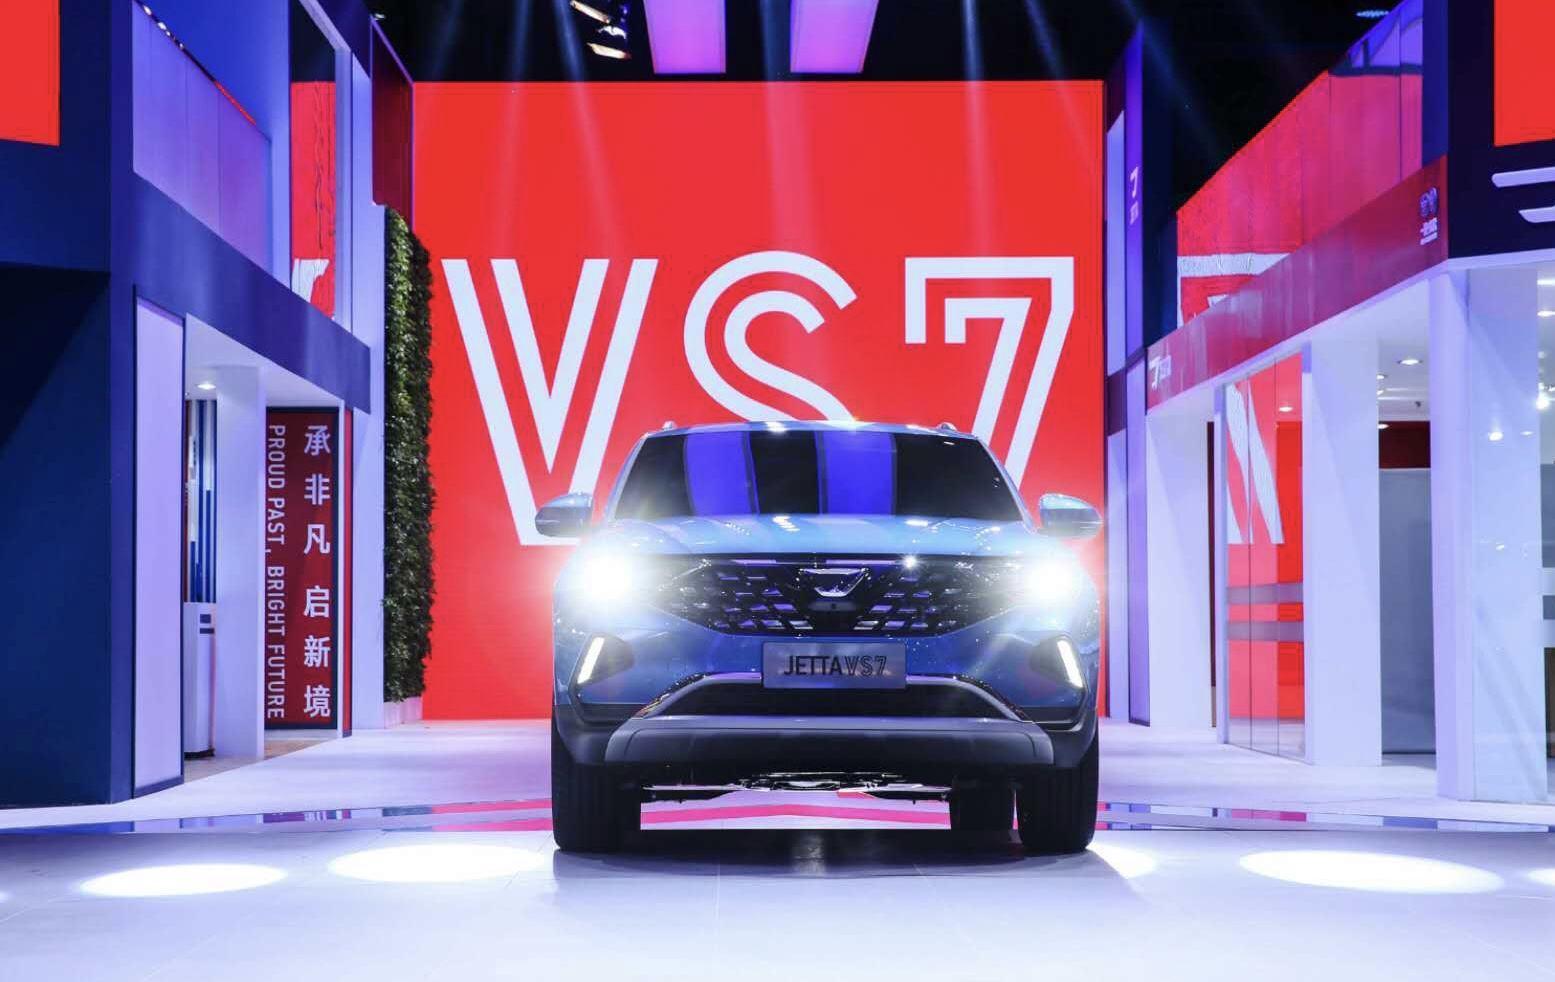 合資中型SUV起售價僅10萬元?看完配置,才知捷達VS7的誠意